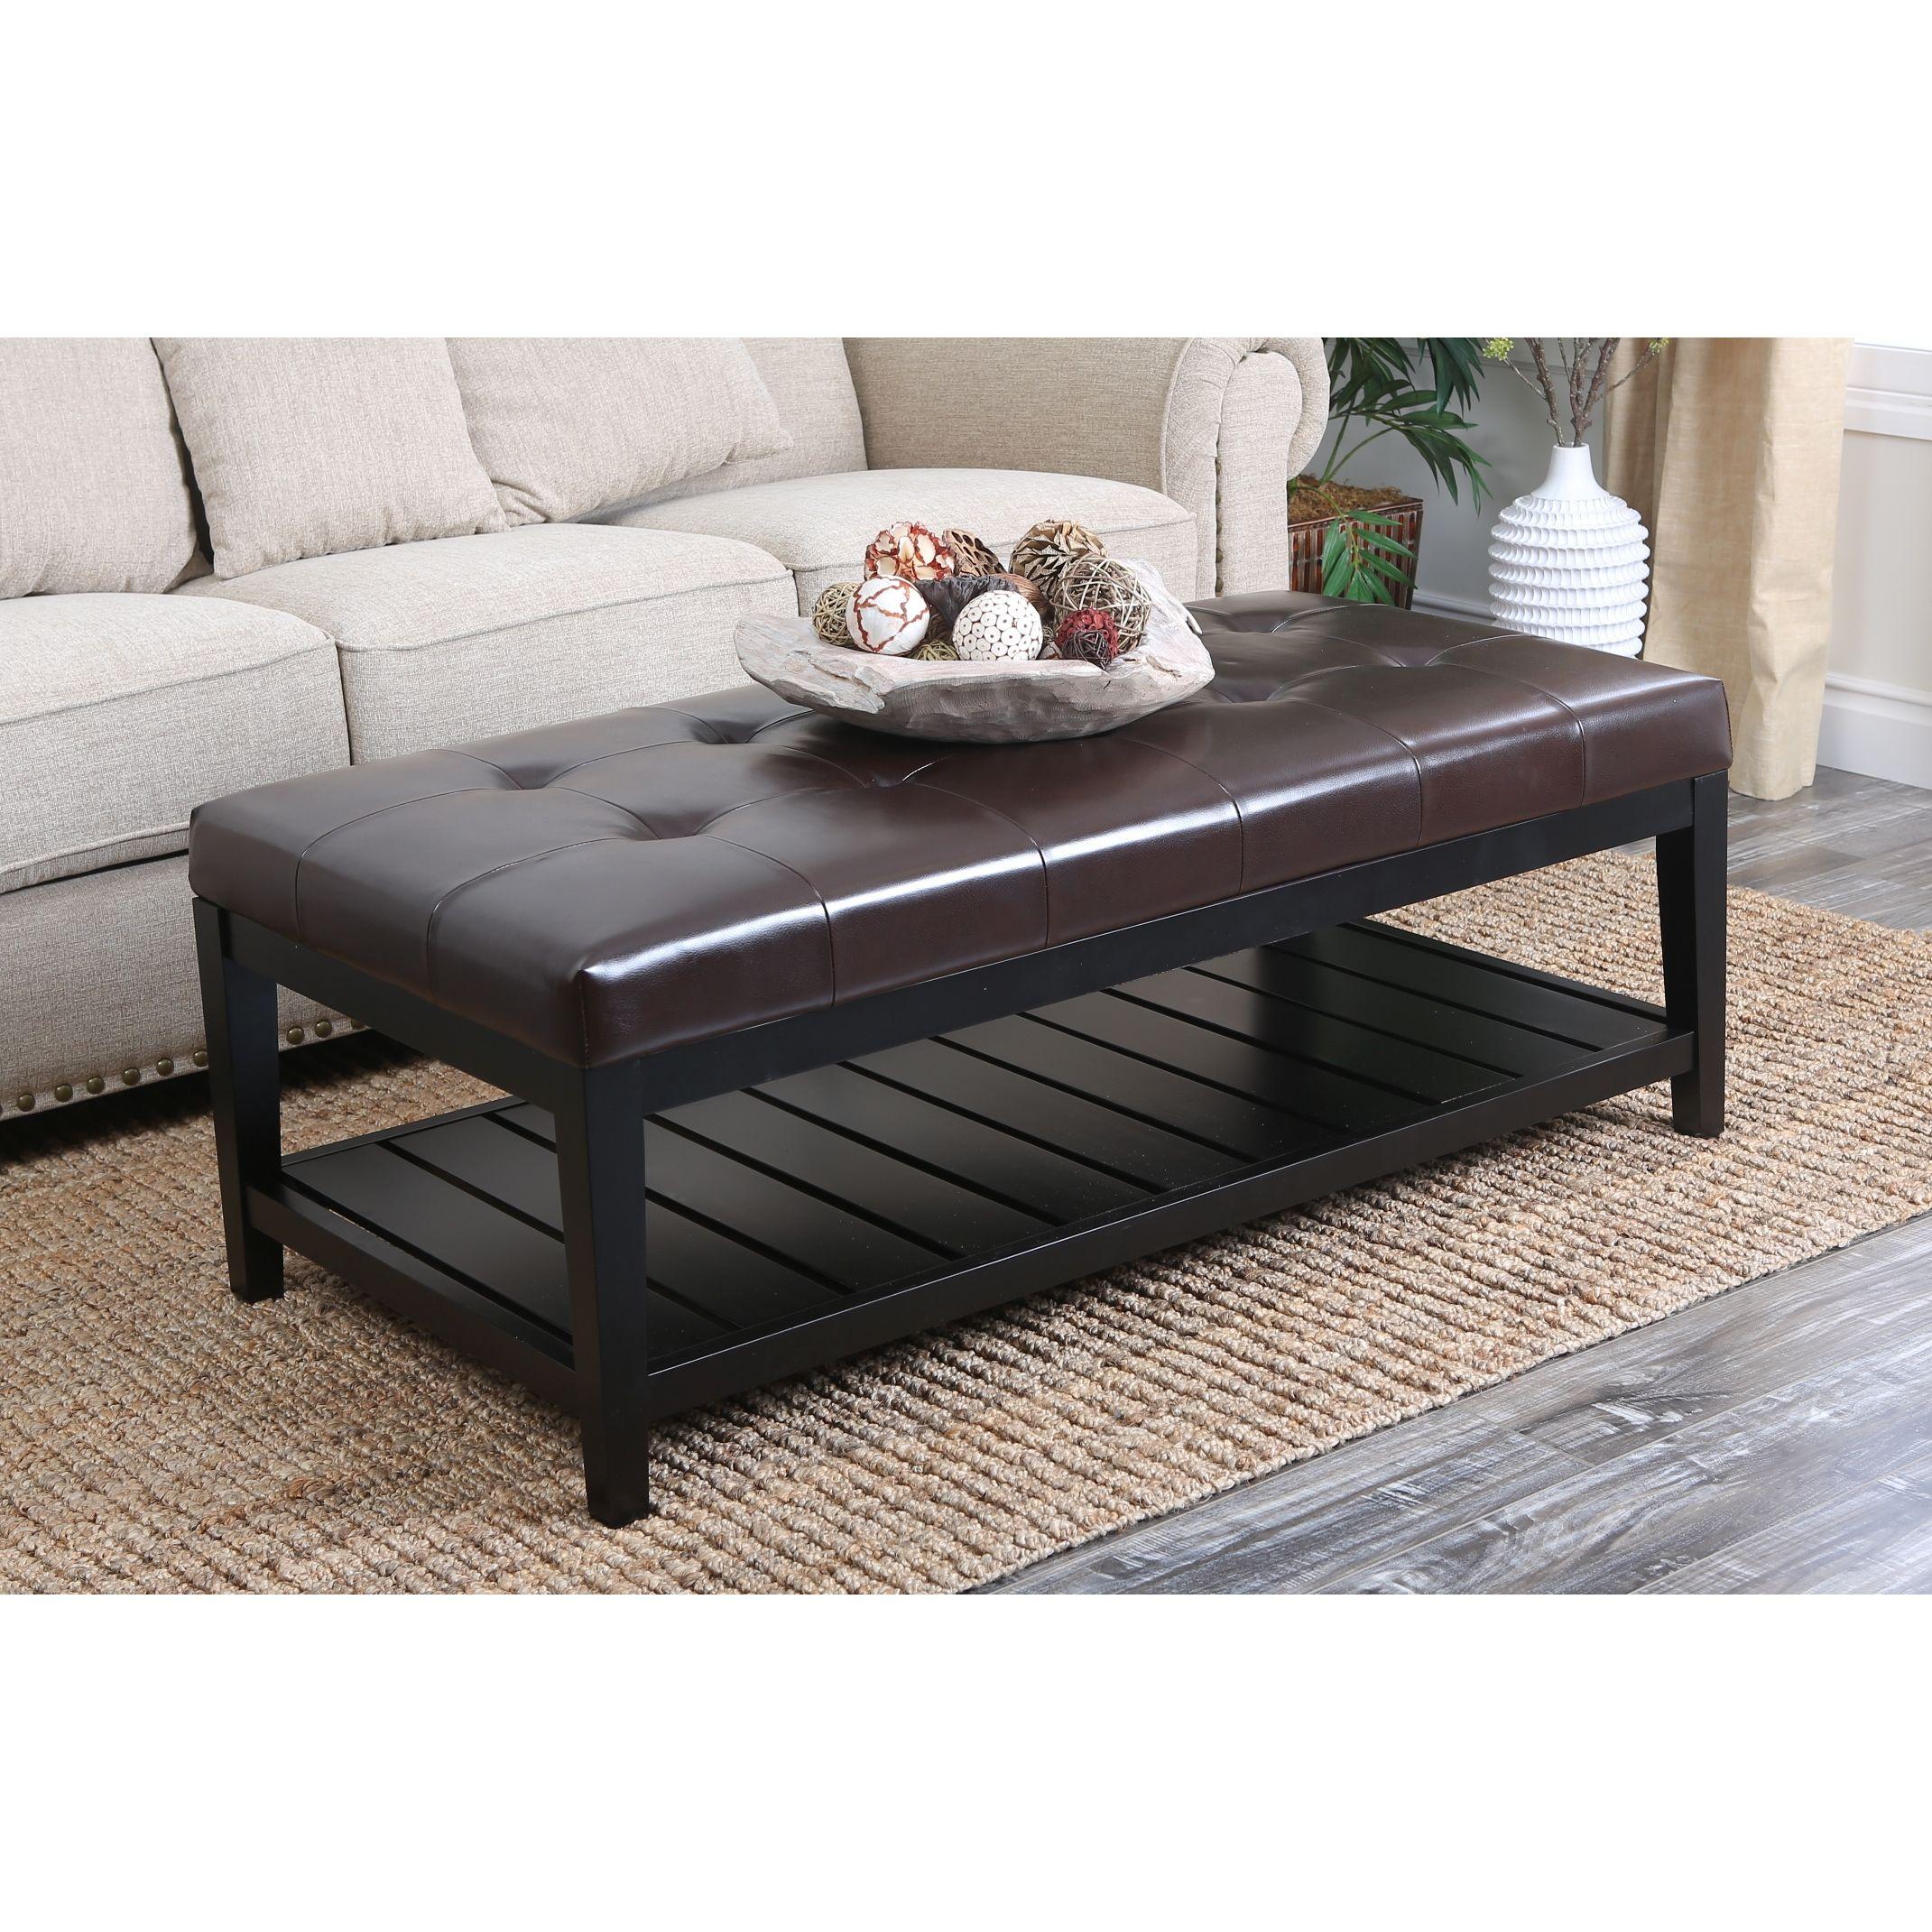 Our Best Living Room Furniture Deals Wohnzimmertische Couchtisch Design Couchtisch [ 2141 x 2141 Pixel ]